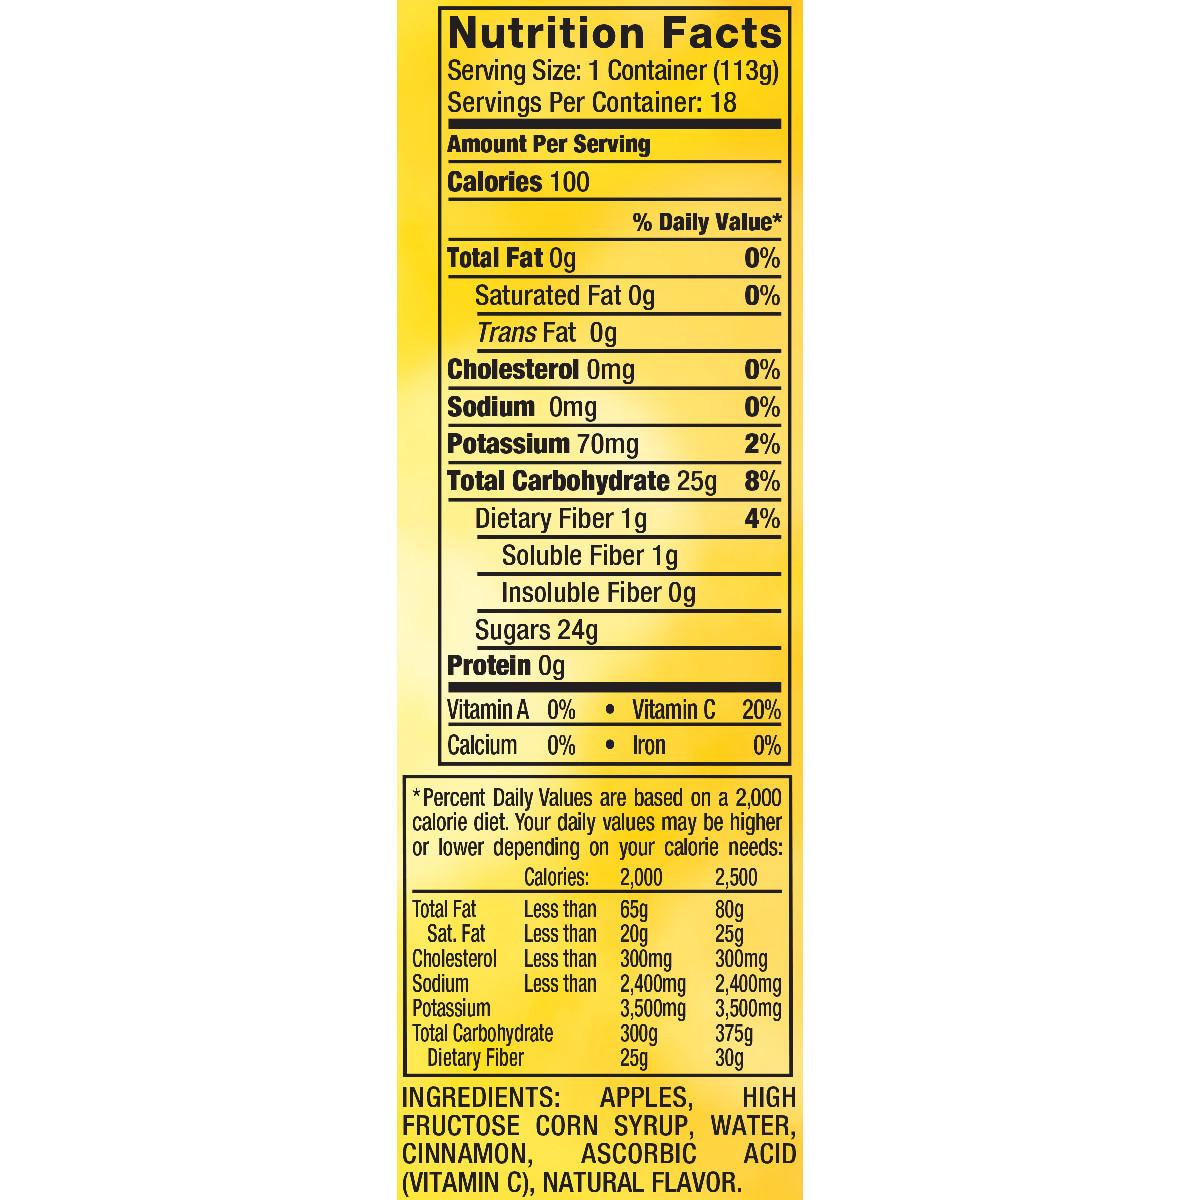 Applesauce Nutrition Facts  Mott S Cinnamon Applesauce Nutrition Facts Nutrition Ftempo